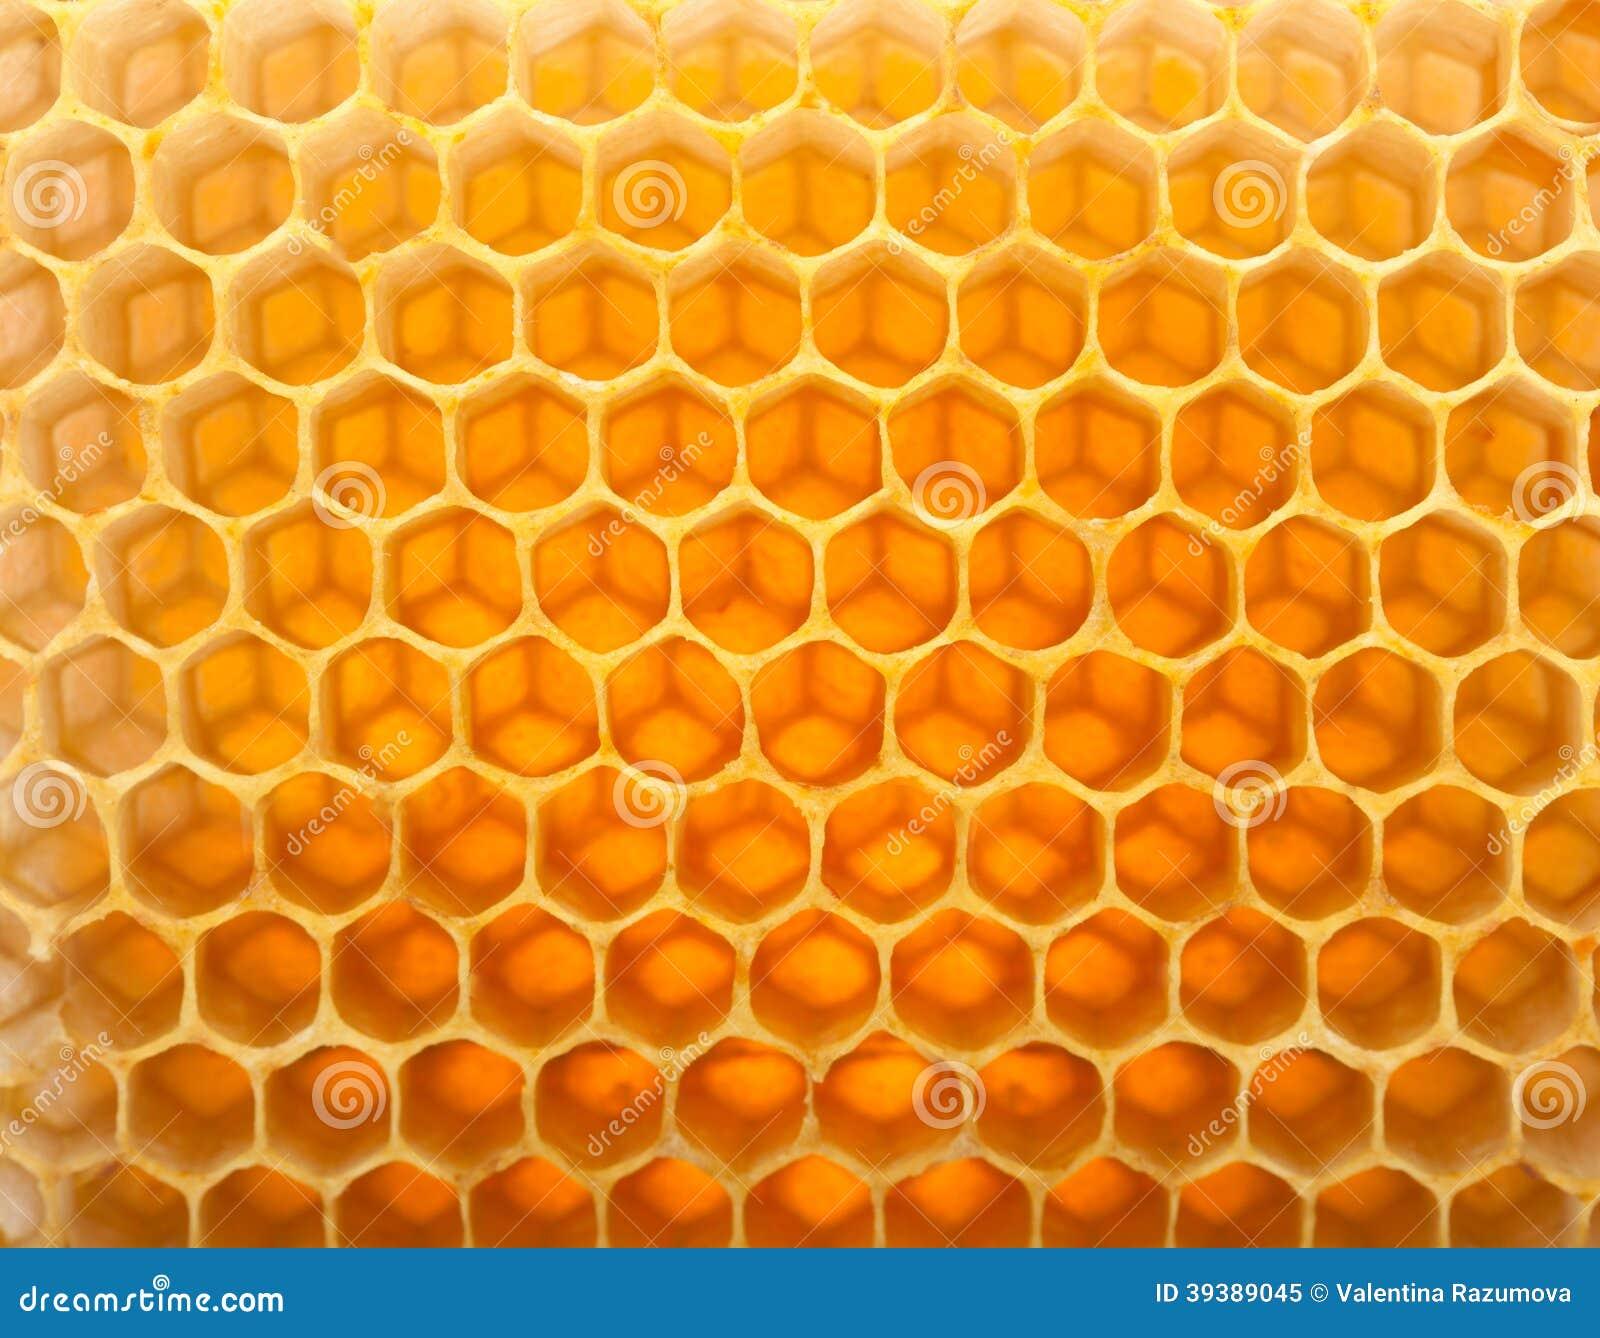 Honey in comb